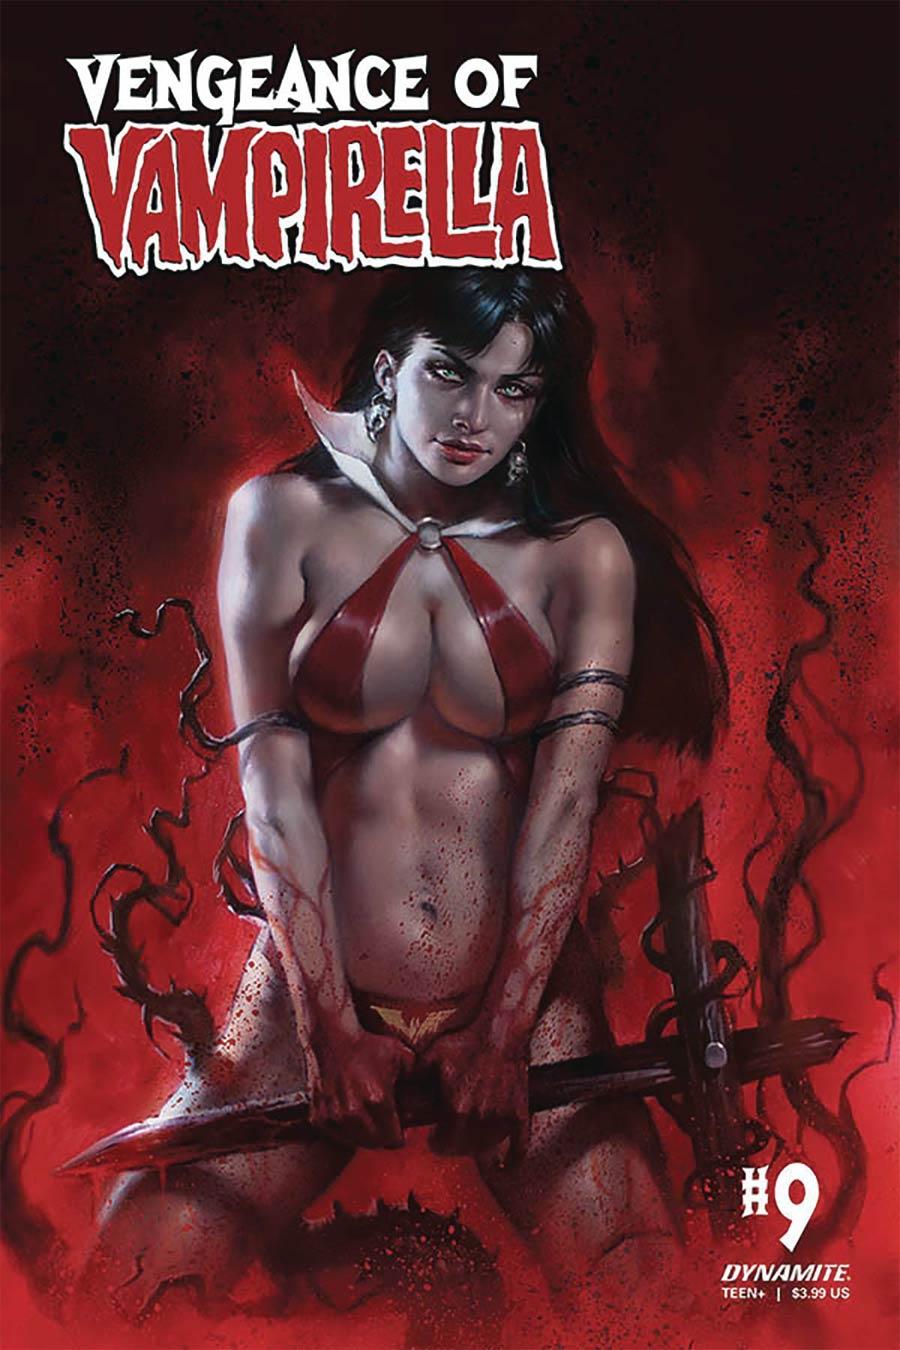 Vengeance Of Vampirella Vol 2 #9 Cover A Regular Lucio Parrillo Cover